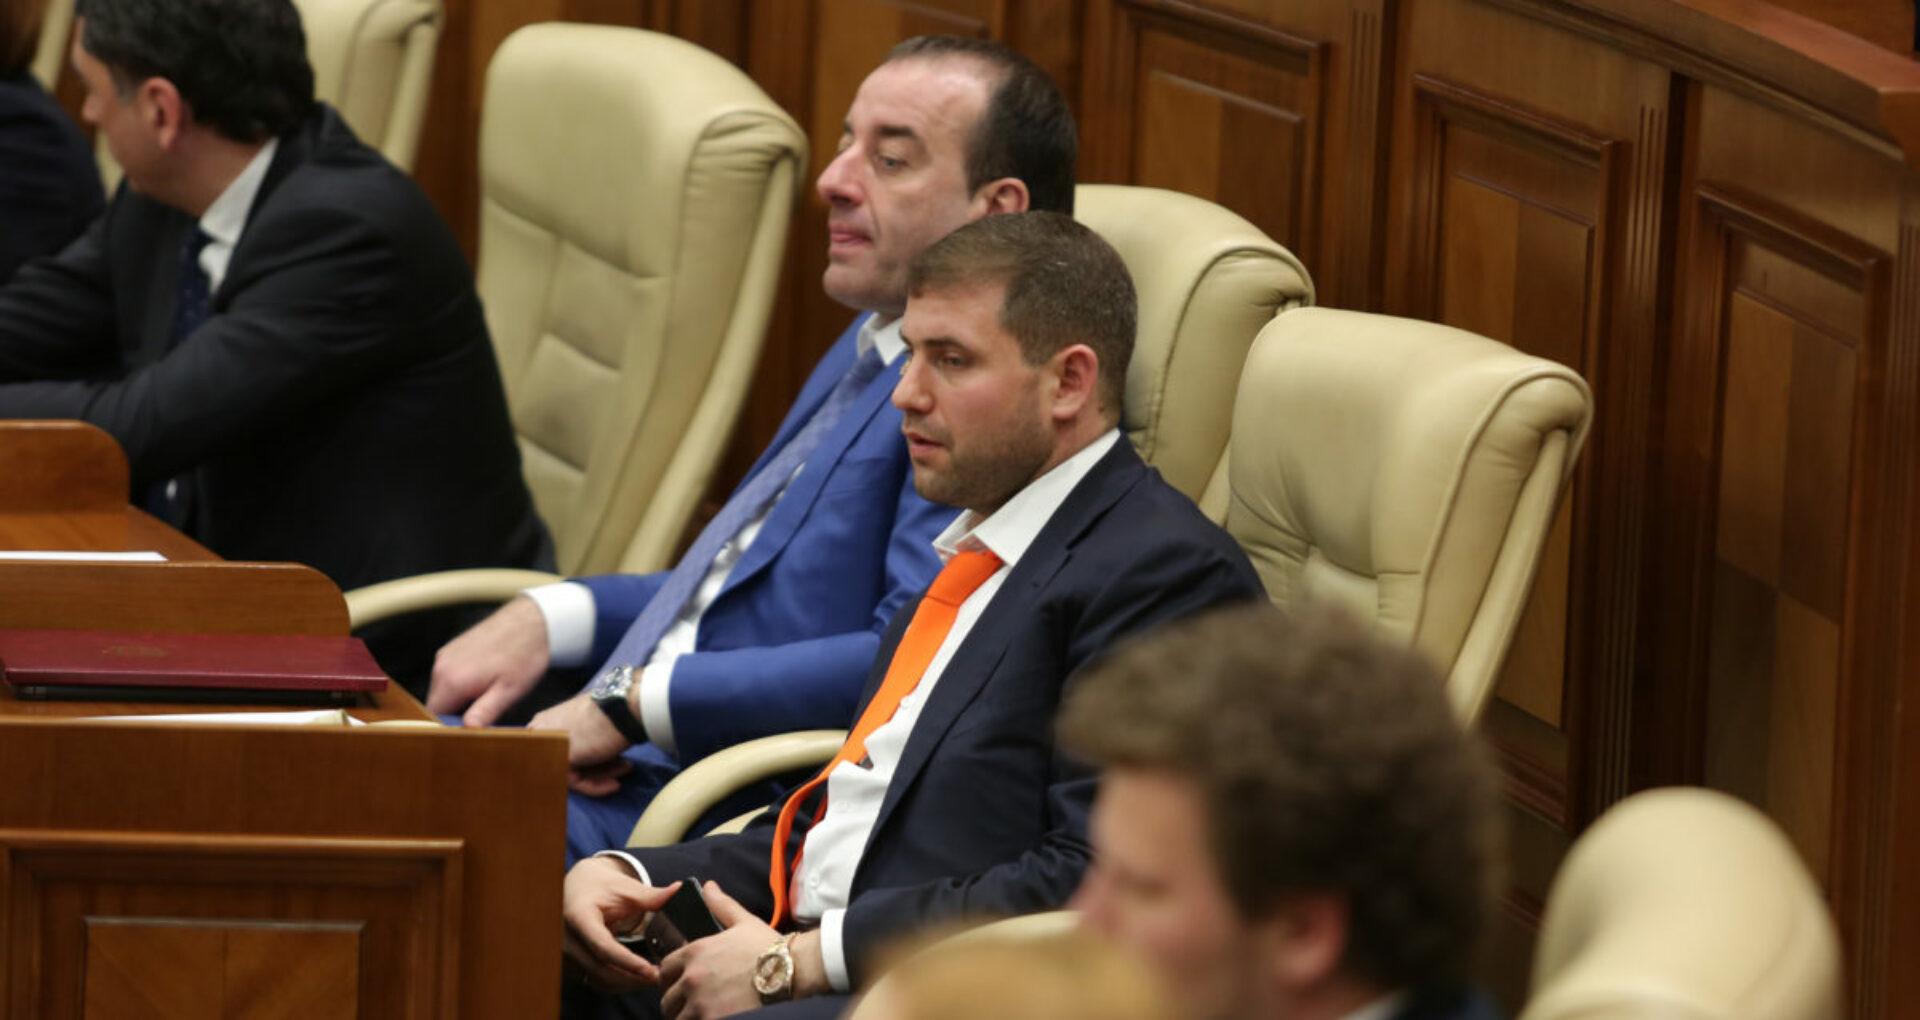 Încă o pauză în dosarul deputatului Șor. Motivul amânării ședinței de la Curtea de Apel Cahul